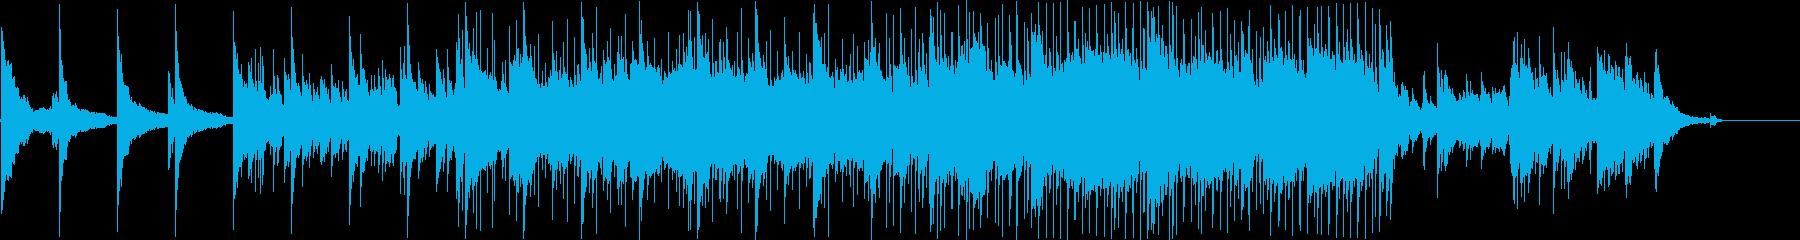 映像に最適なイージーリスニングの再生済みの波形